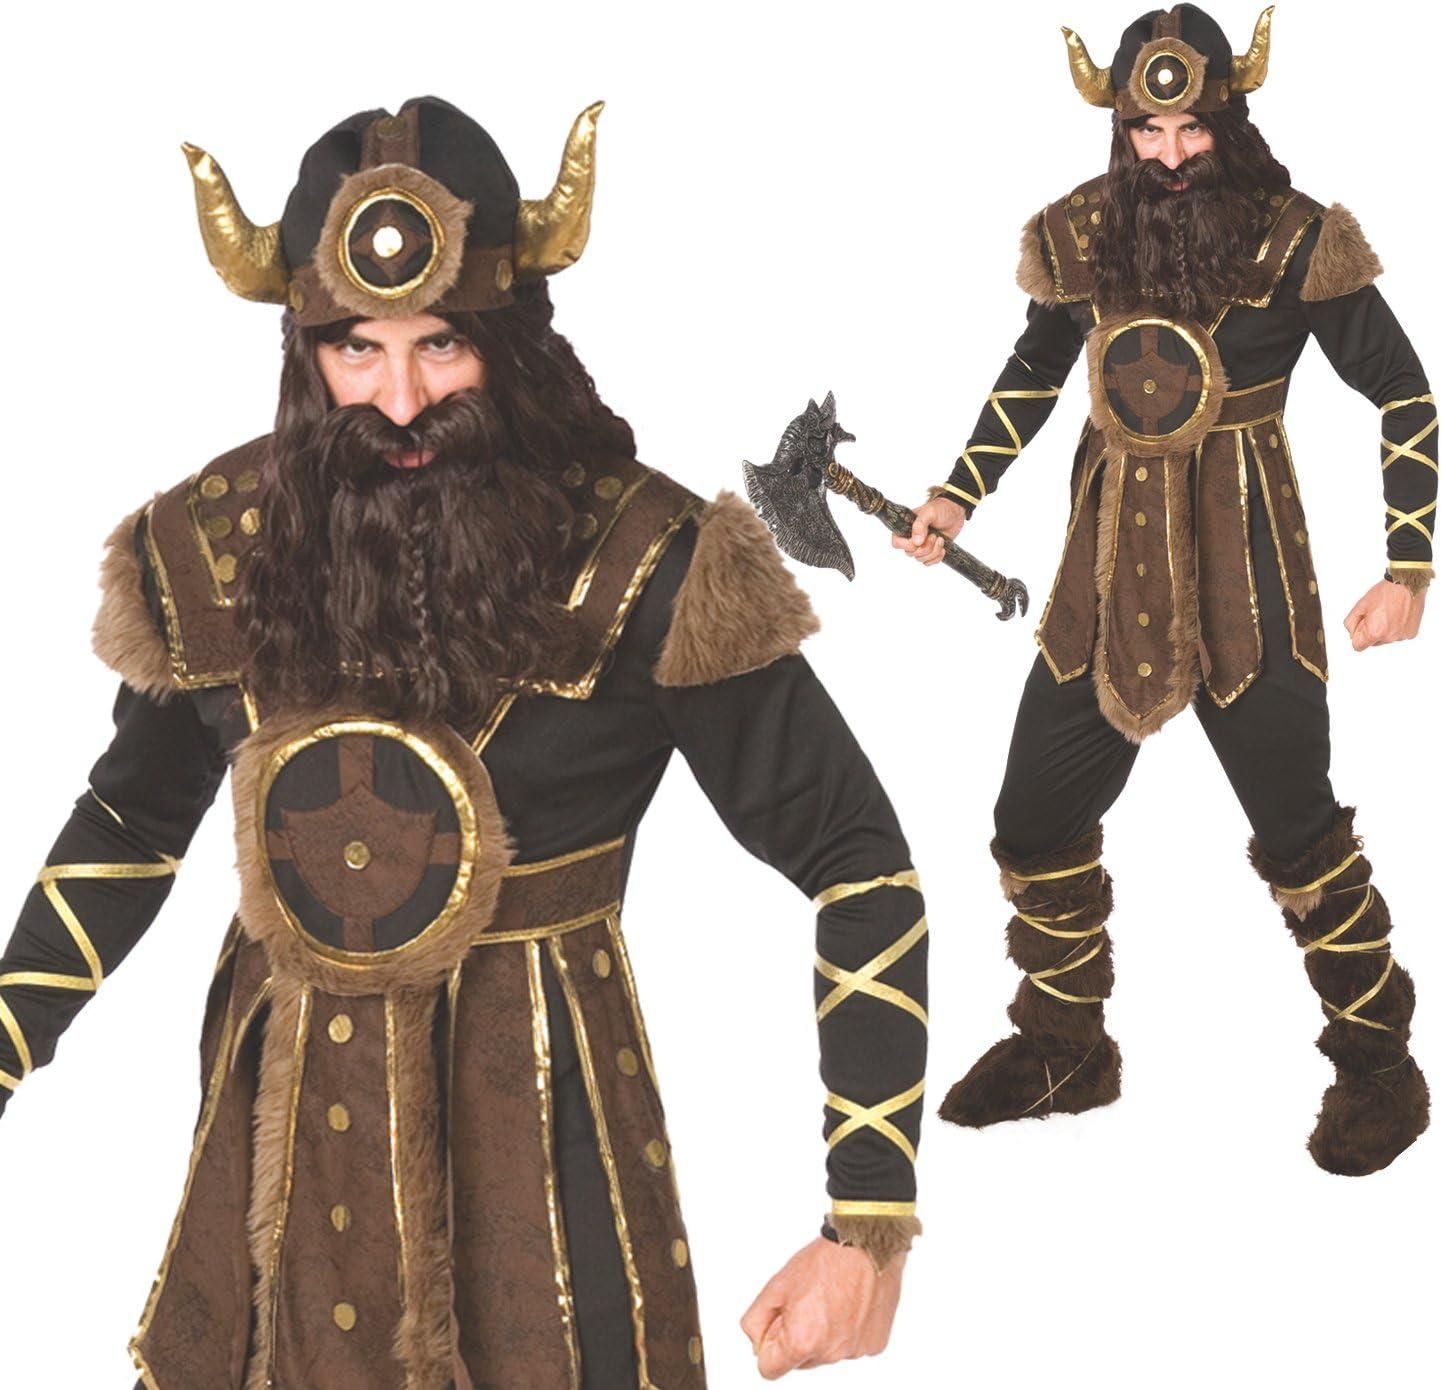 Morph Traje Vikingo para Hombre Traje hist/órico de Calidad para Guerrero n/órdico Valiente para Hombres 42-44 Pulgadas // 107-112 cm Pecho Grande